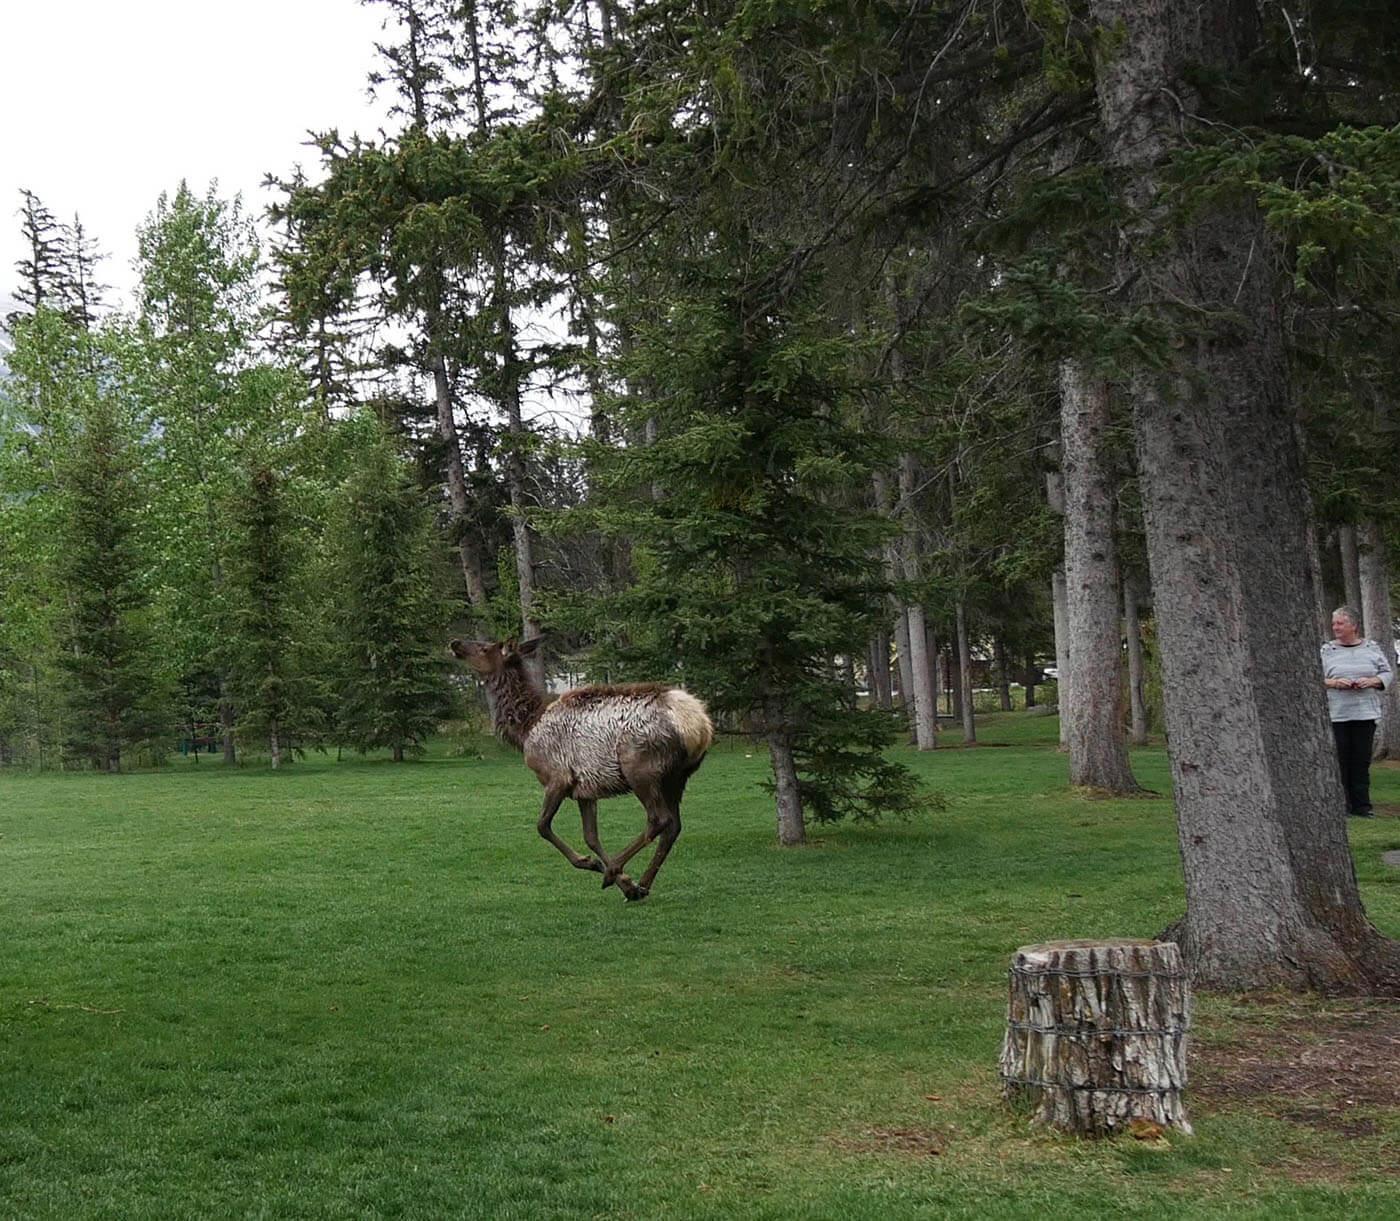 Test du mode 4K Photo avec un élan qui court dans une forêt de Banff au Canada